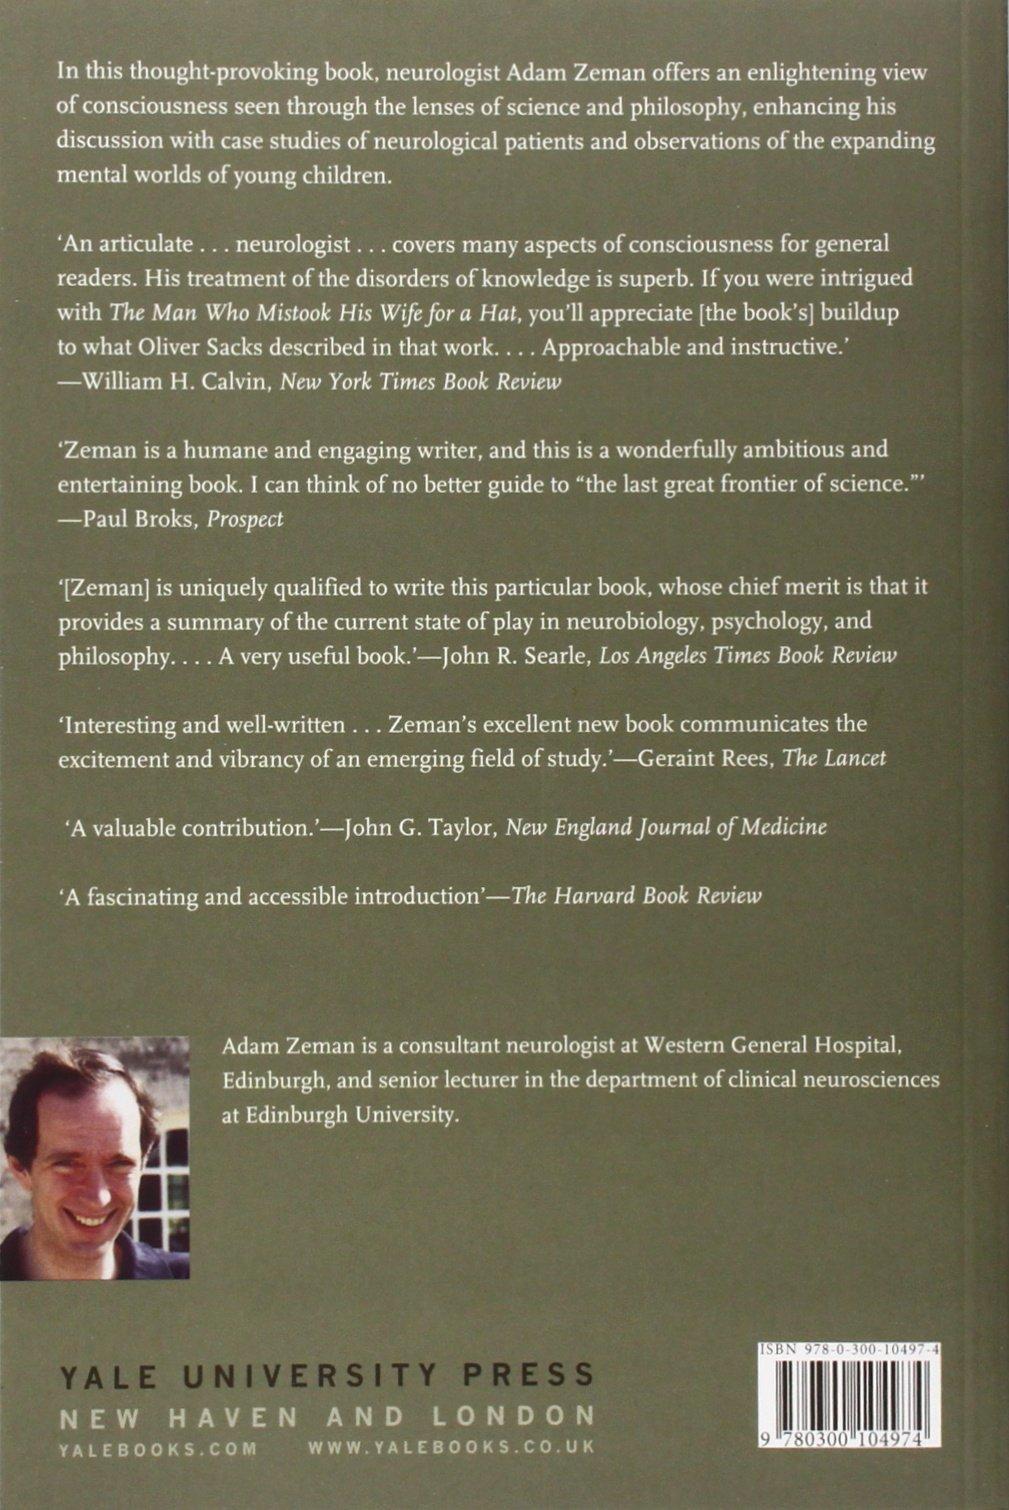 Consciousness: A User's Guide: Adam Zeman: 9780300104974: Amazon.com: Books